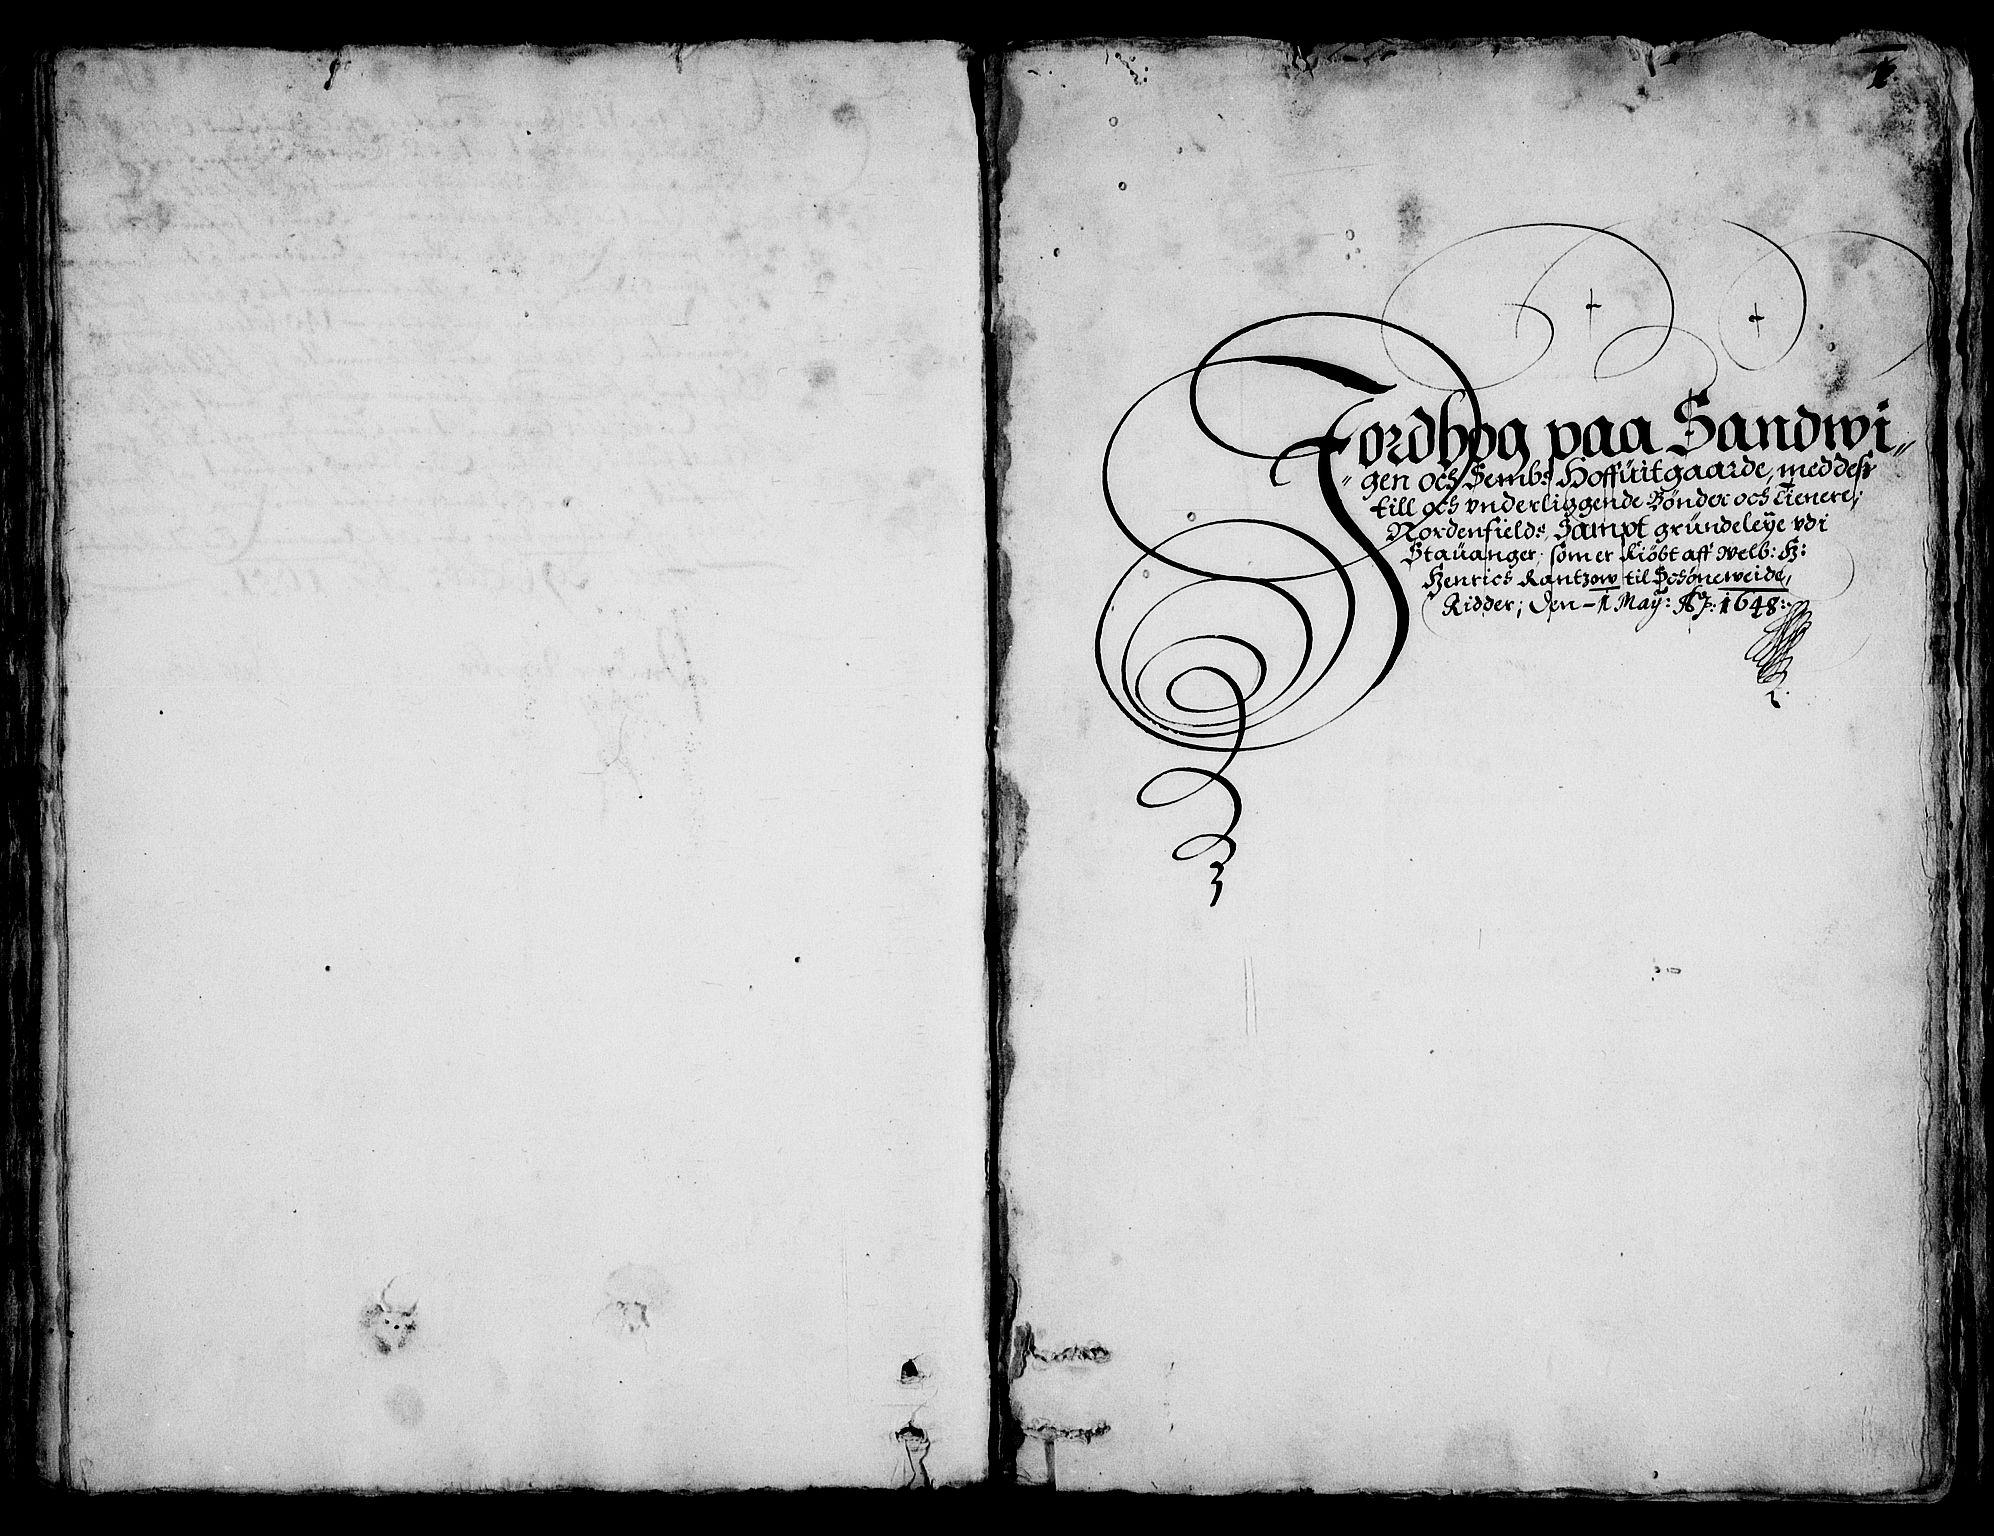 RA, Rentekammeret inntil 1814, Realistisk ordnet avdeling, On/L0001: Statens gods, 1651, s. 1001a